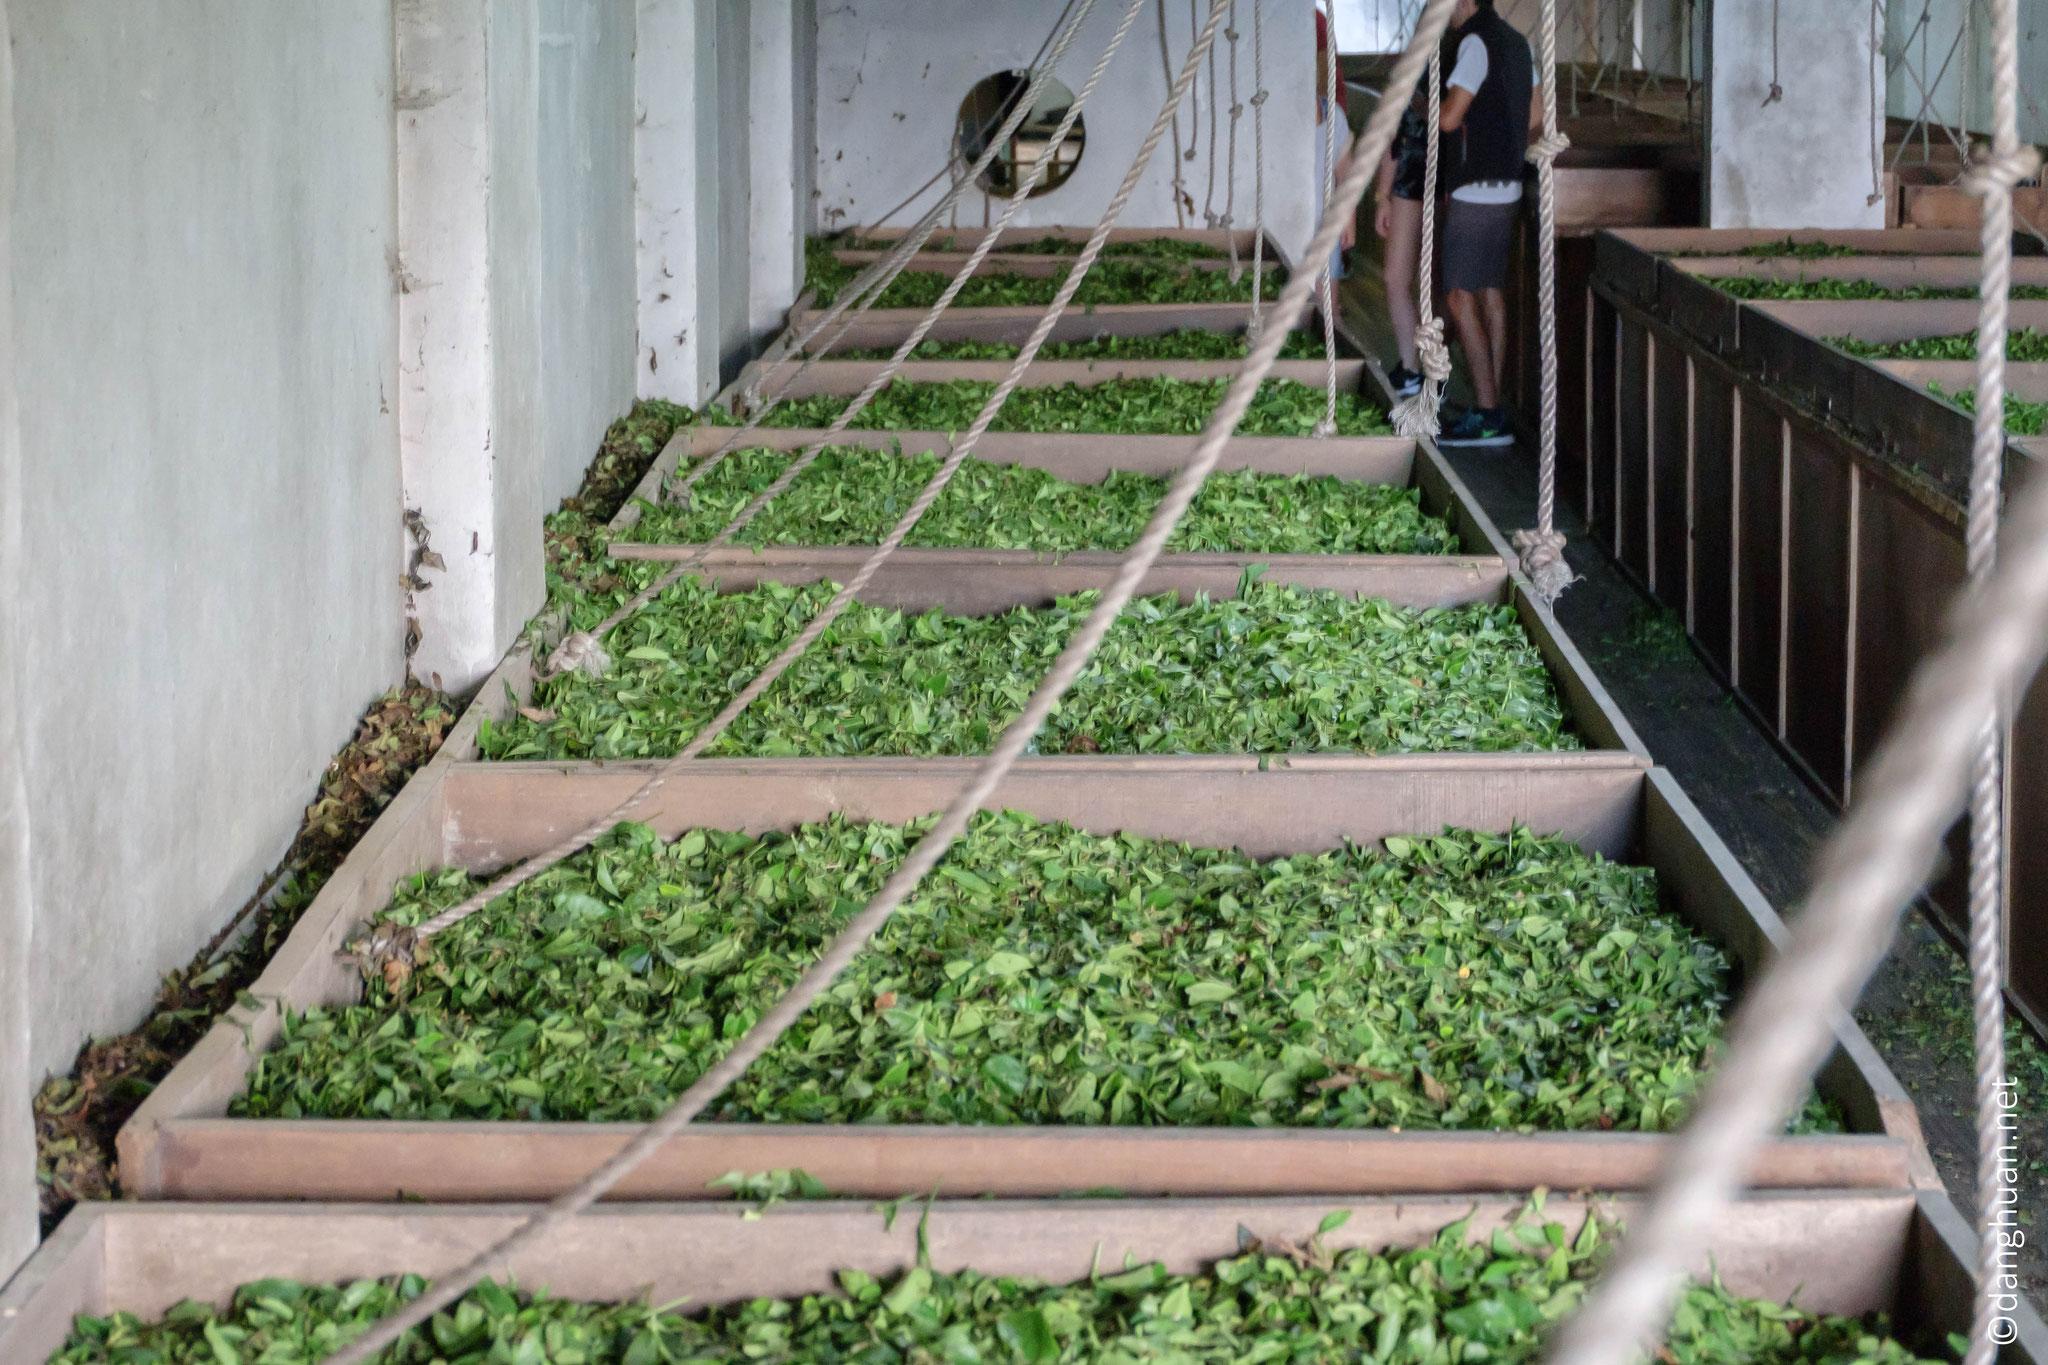 Flétrissage : Le thé est posé sur de longues claies ventilées